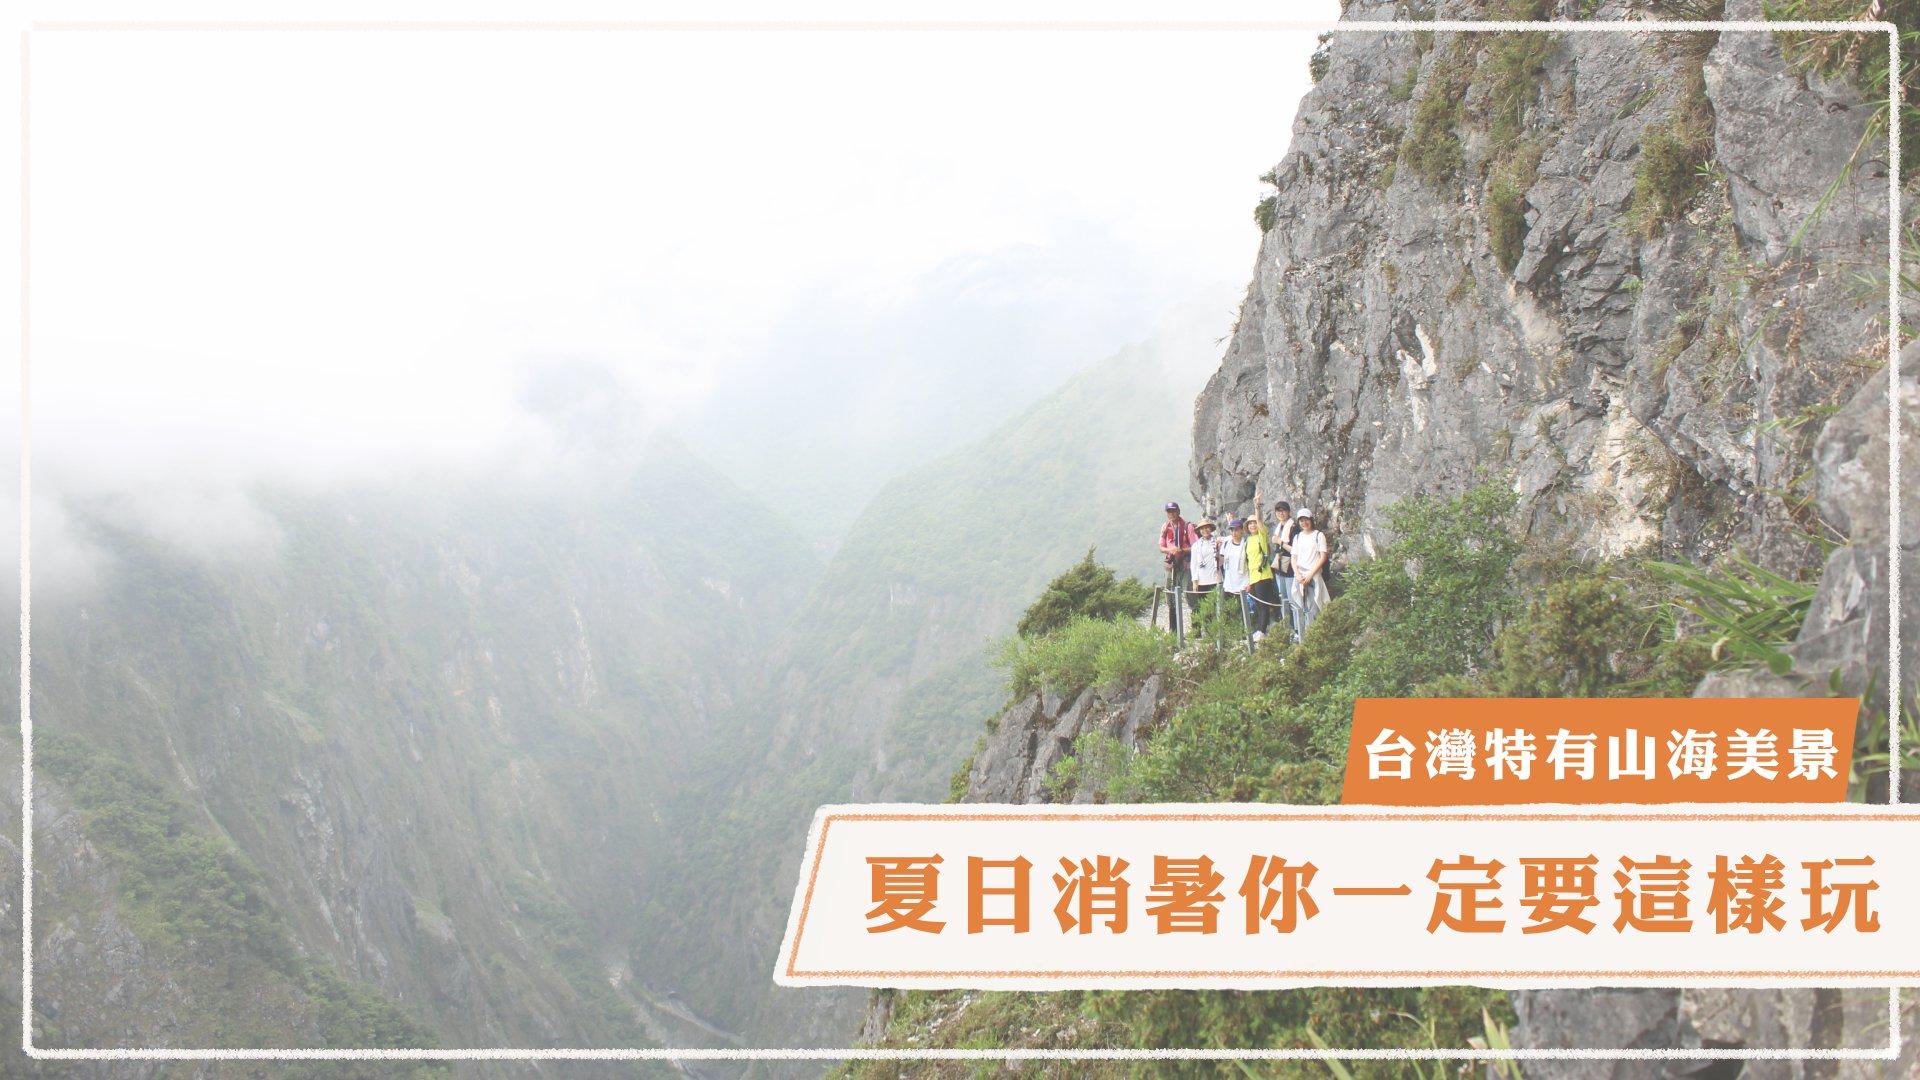 臺灣特有的山海美景,夏日消暑你一定要這樣玩!